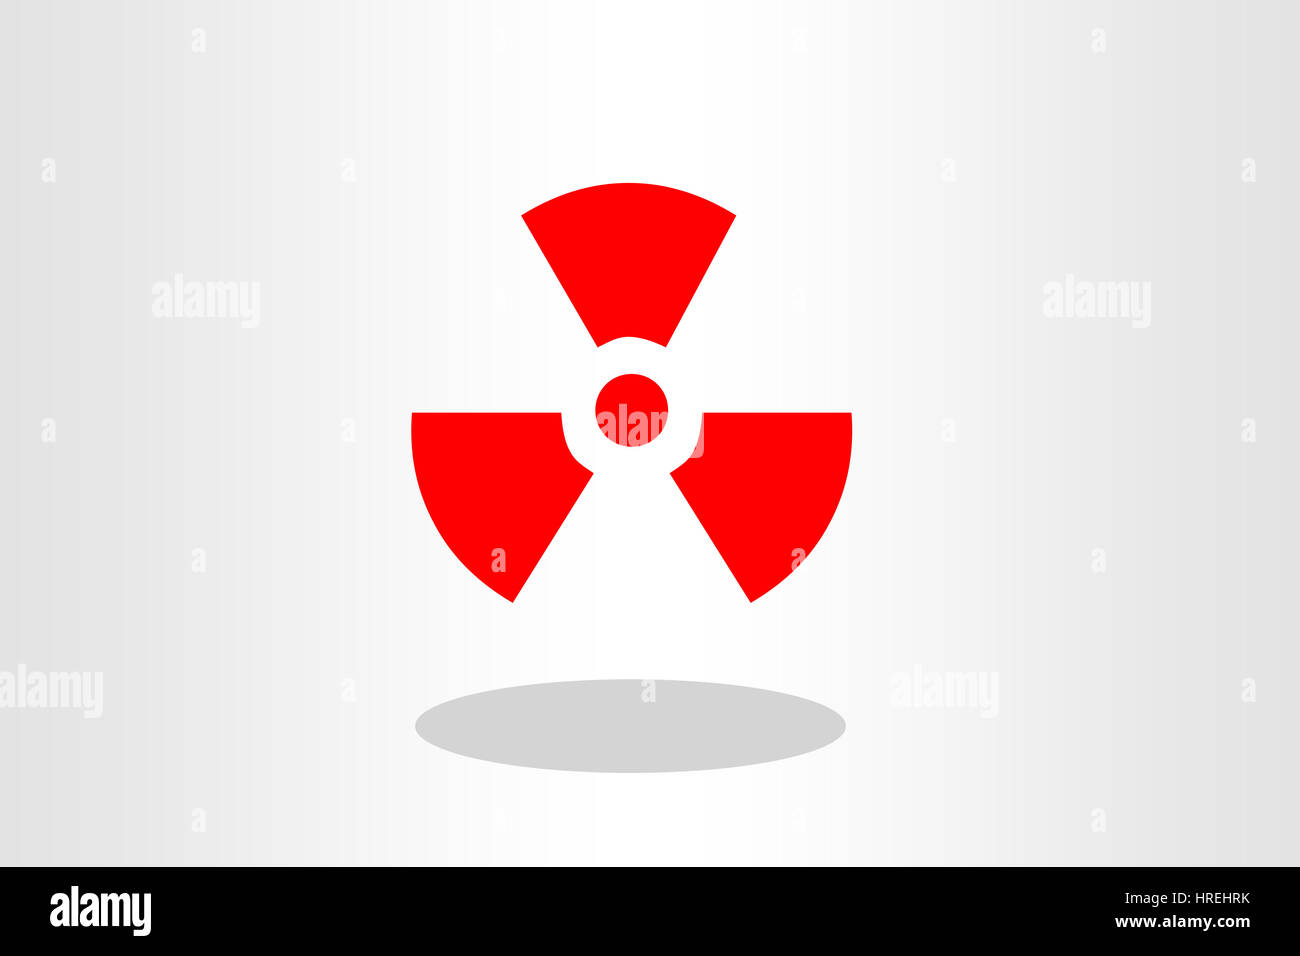 red Radioactive icon radiation symbol on plain background - Stock Image